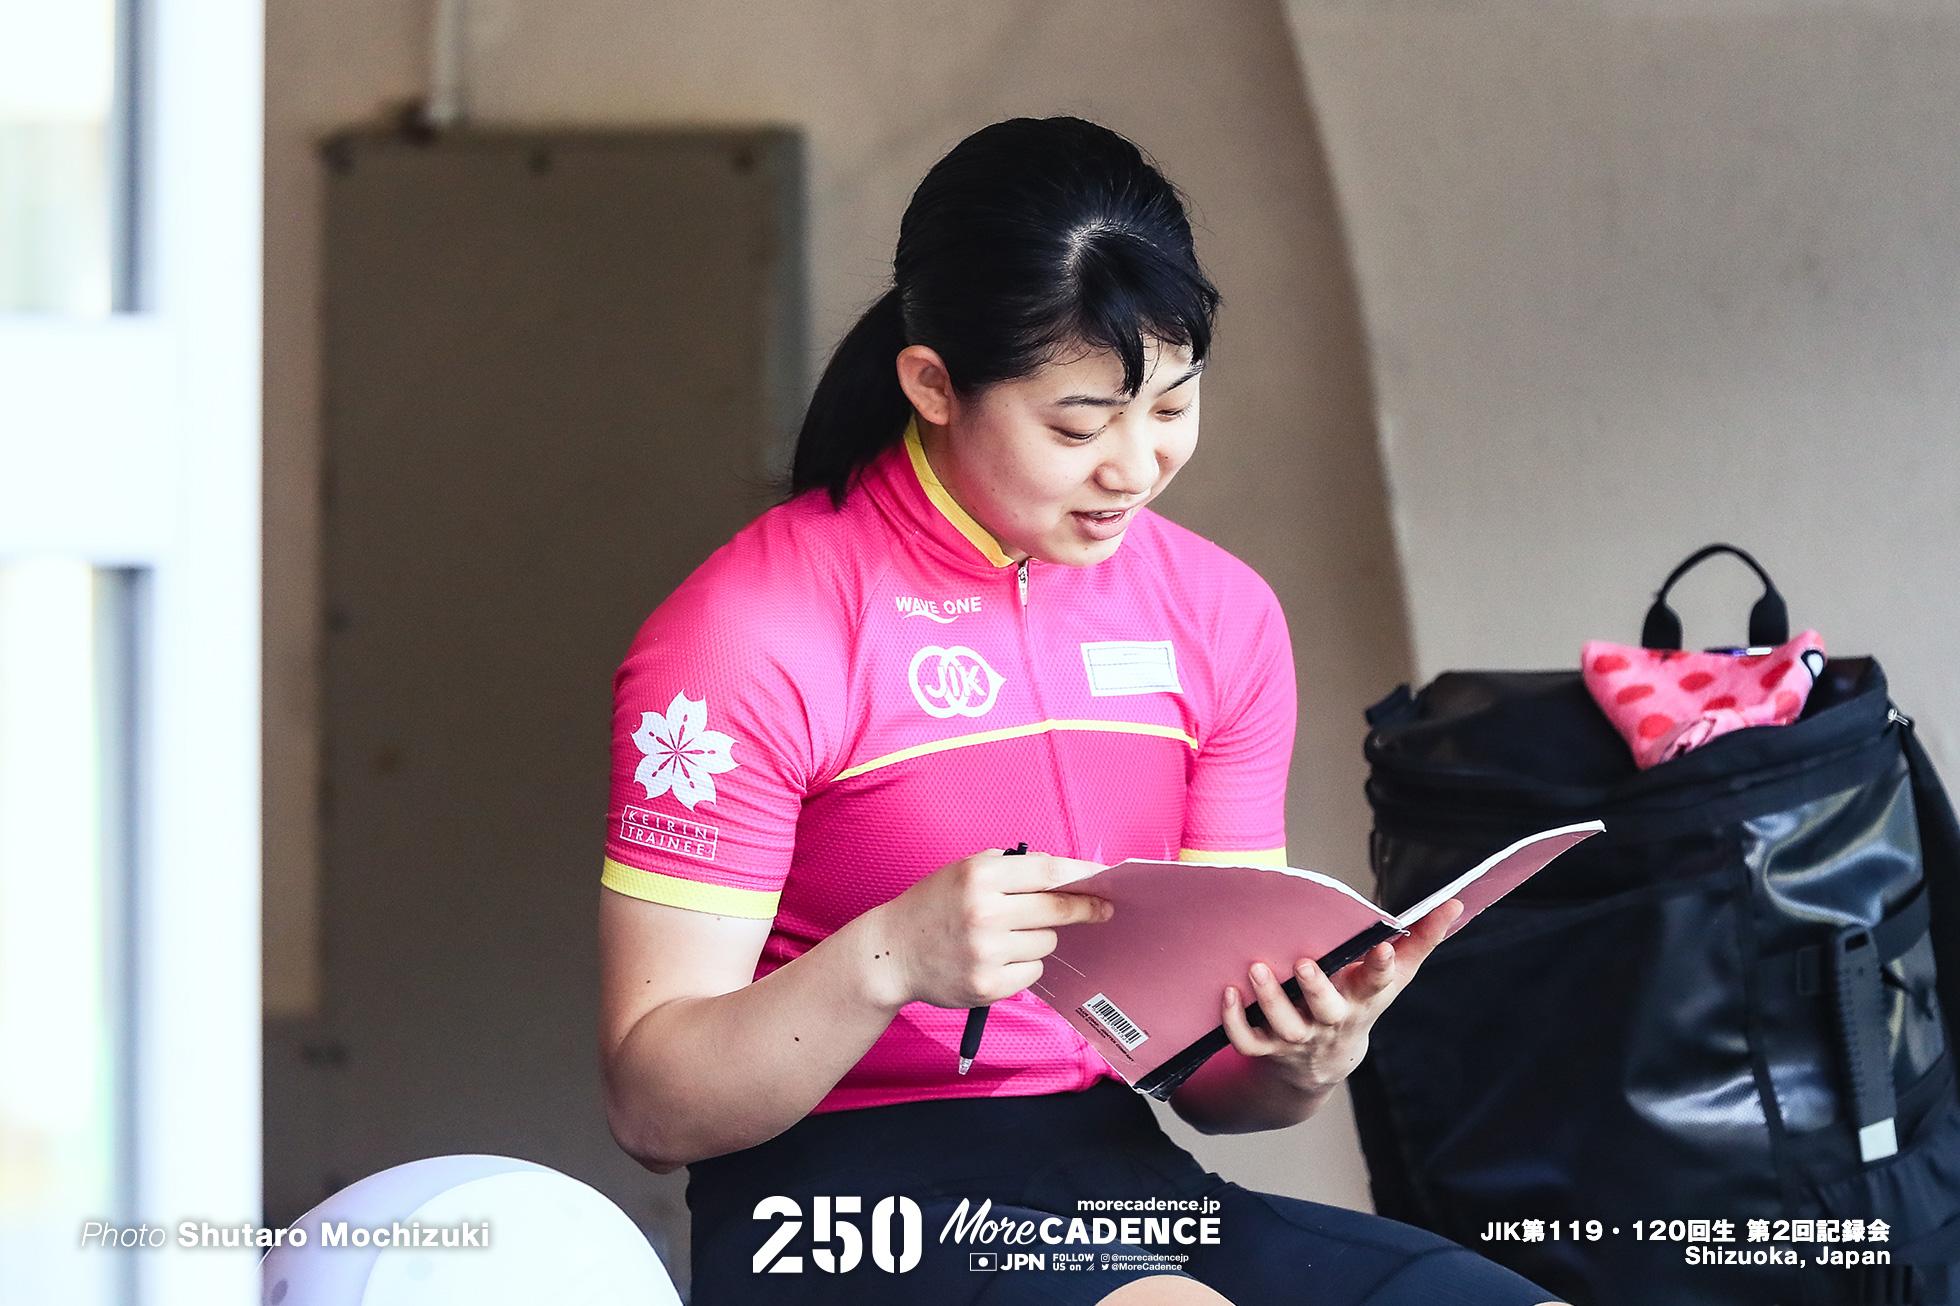 内野艶和 日本競輪選手養成所 JIK 第119・120回生 第2回記録会